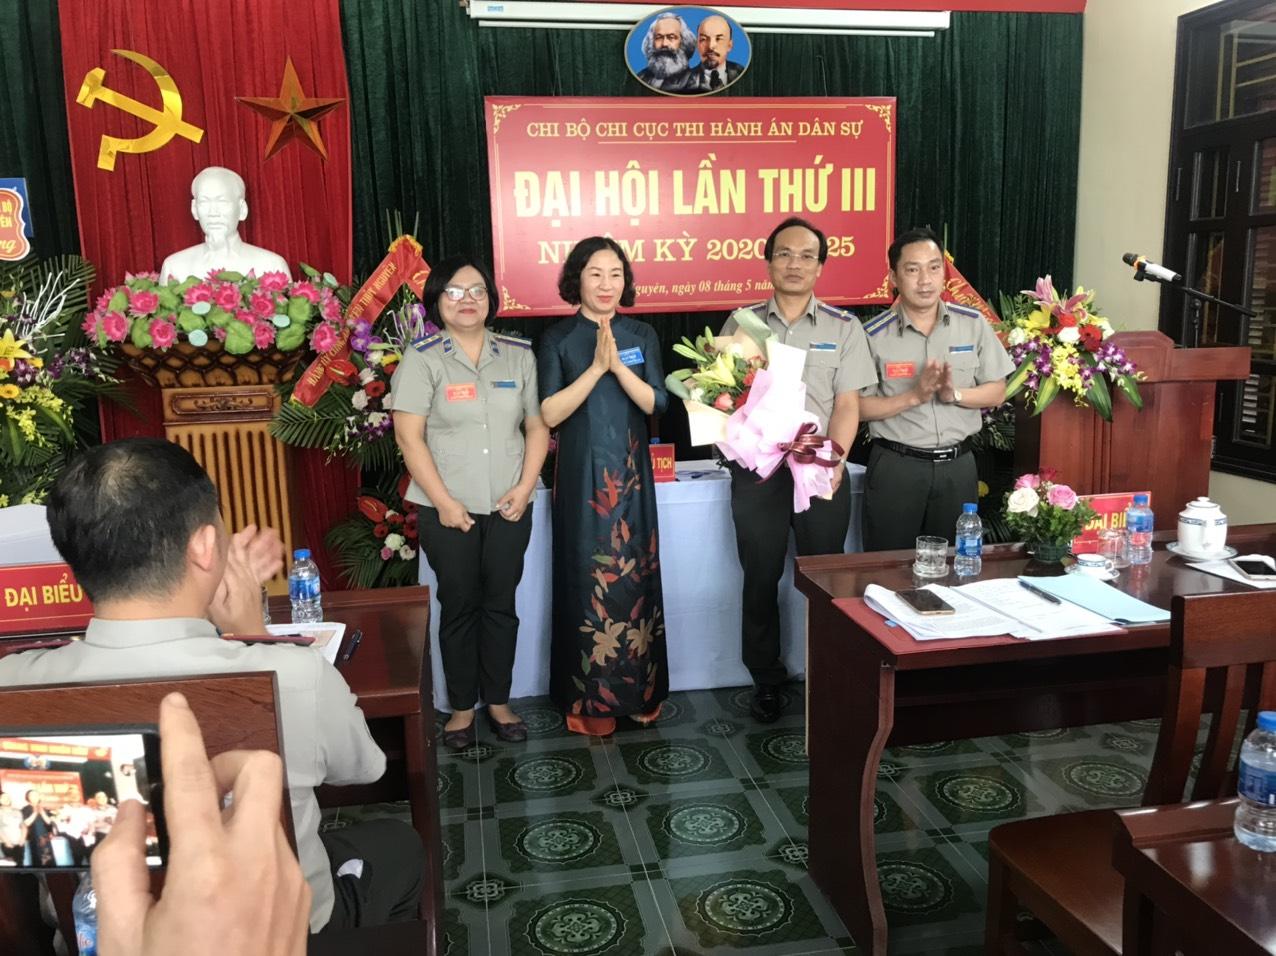 Đại hội Chi bộ Chi cục Thi hành án dân sự huyện Thủy Nguyên lần thứ III nhiệm kỳ 2020 – 2025